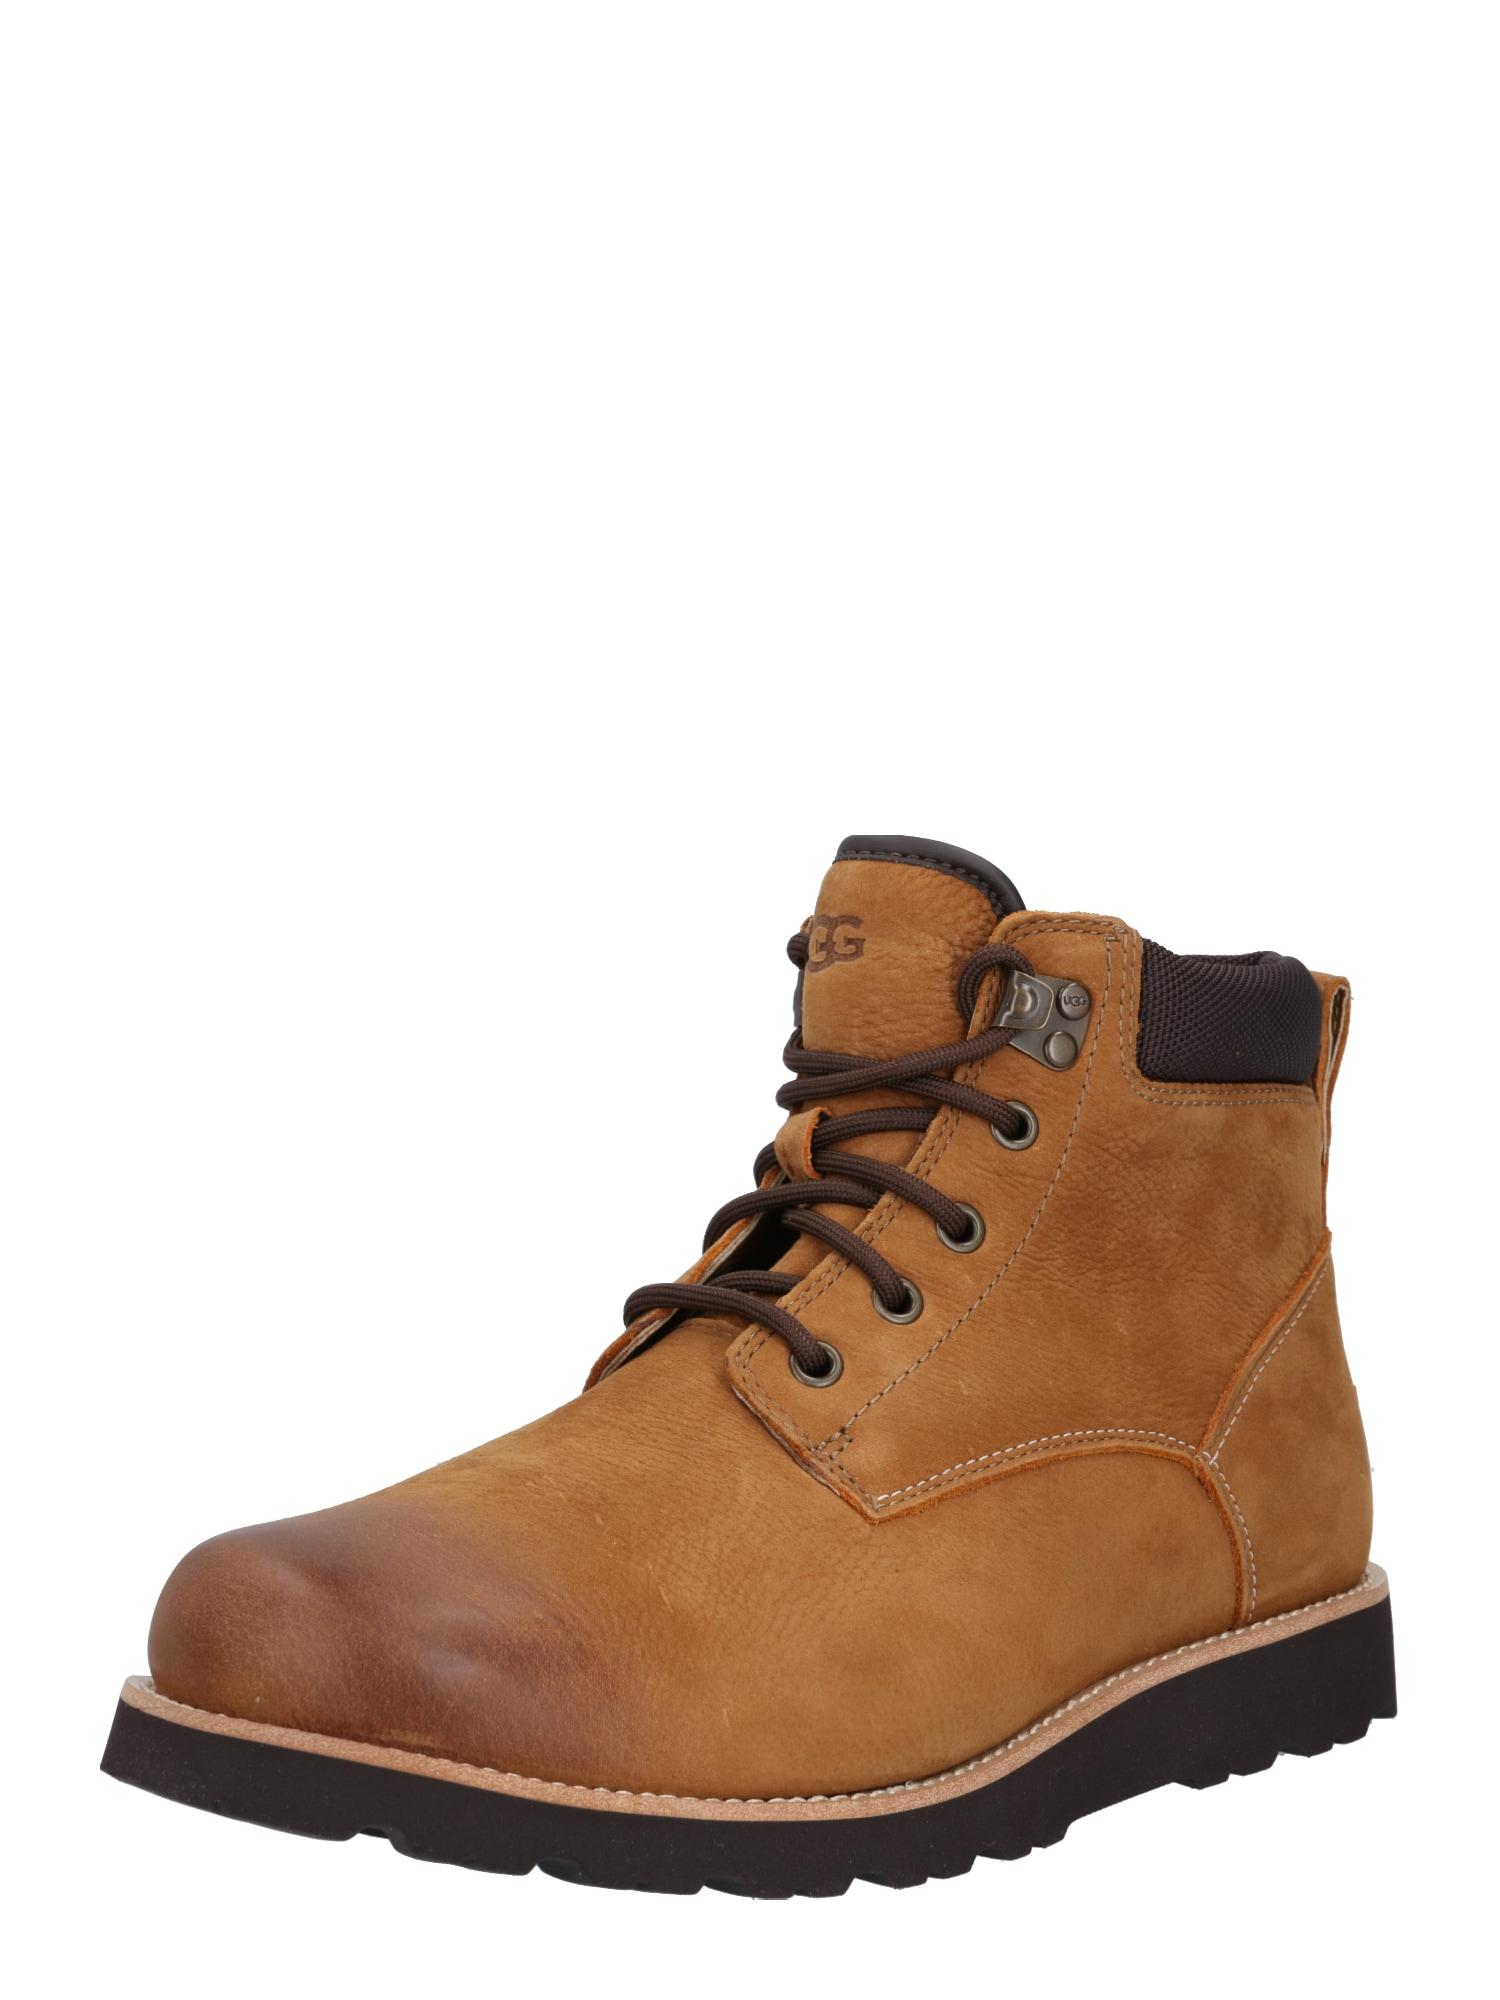 UGG Auliniai batai su raišteliais ruda (konjako)